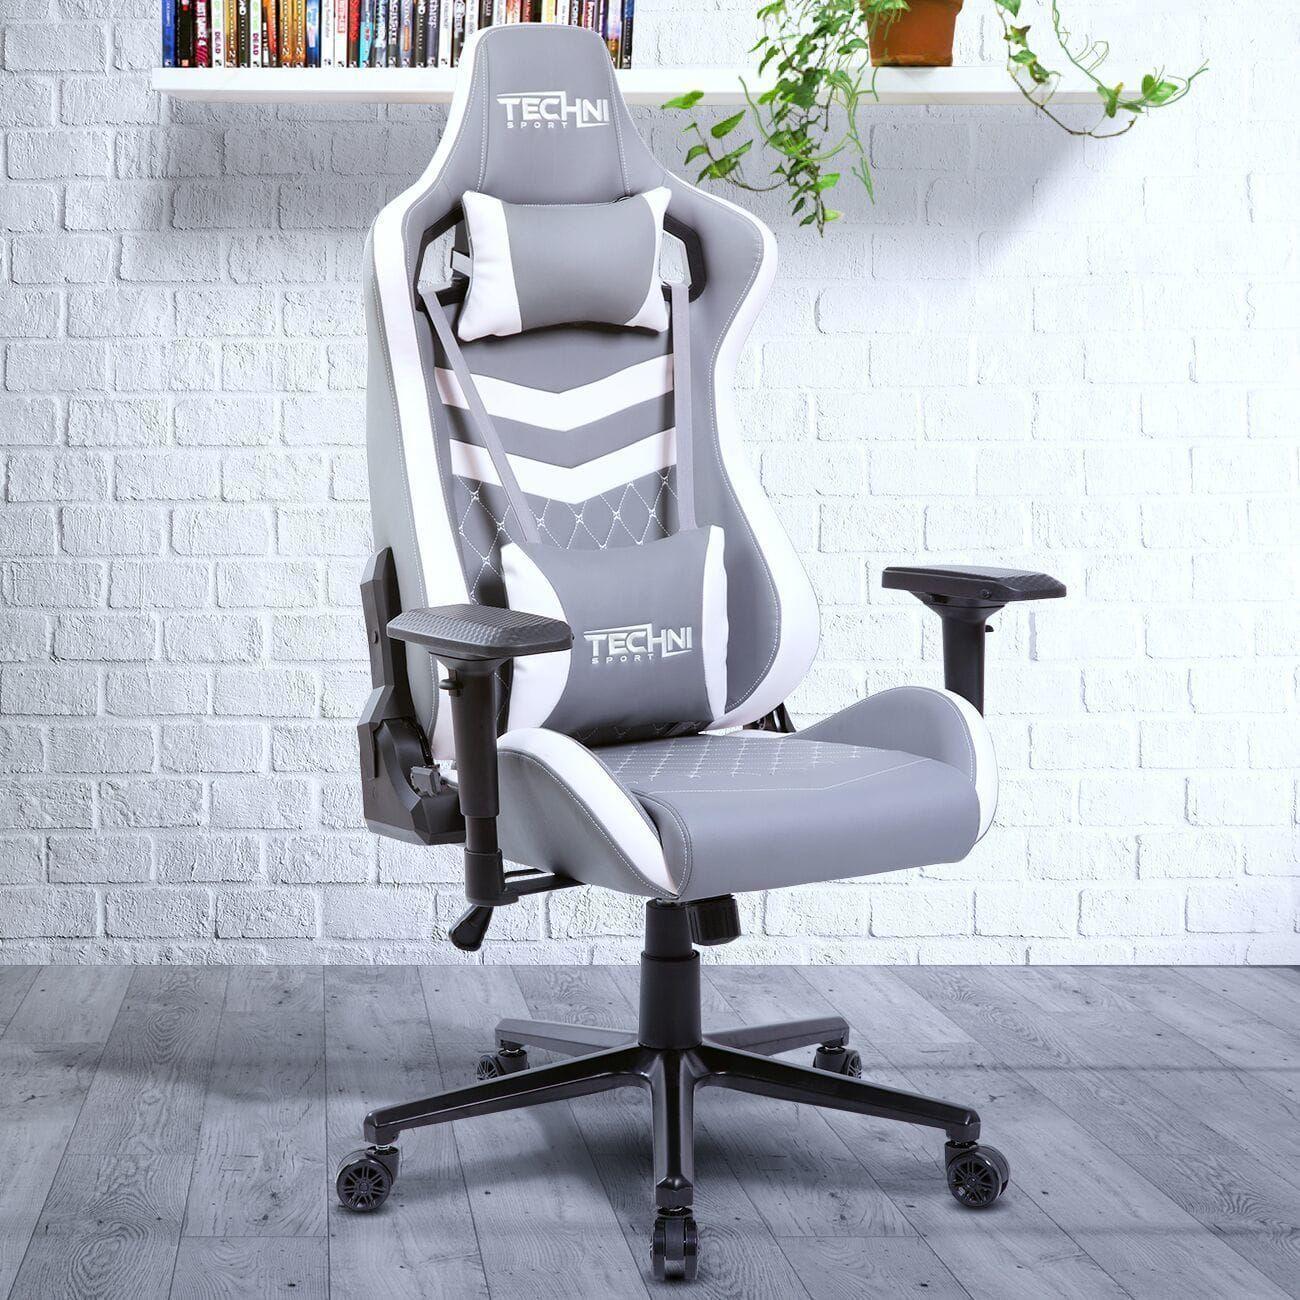 Modern design ergonomic high back racer style video gaming